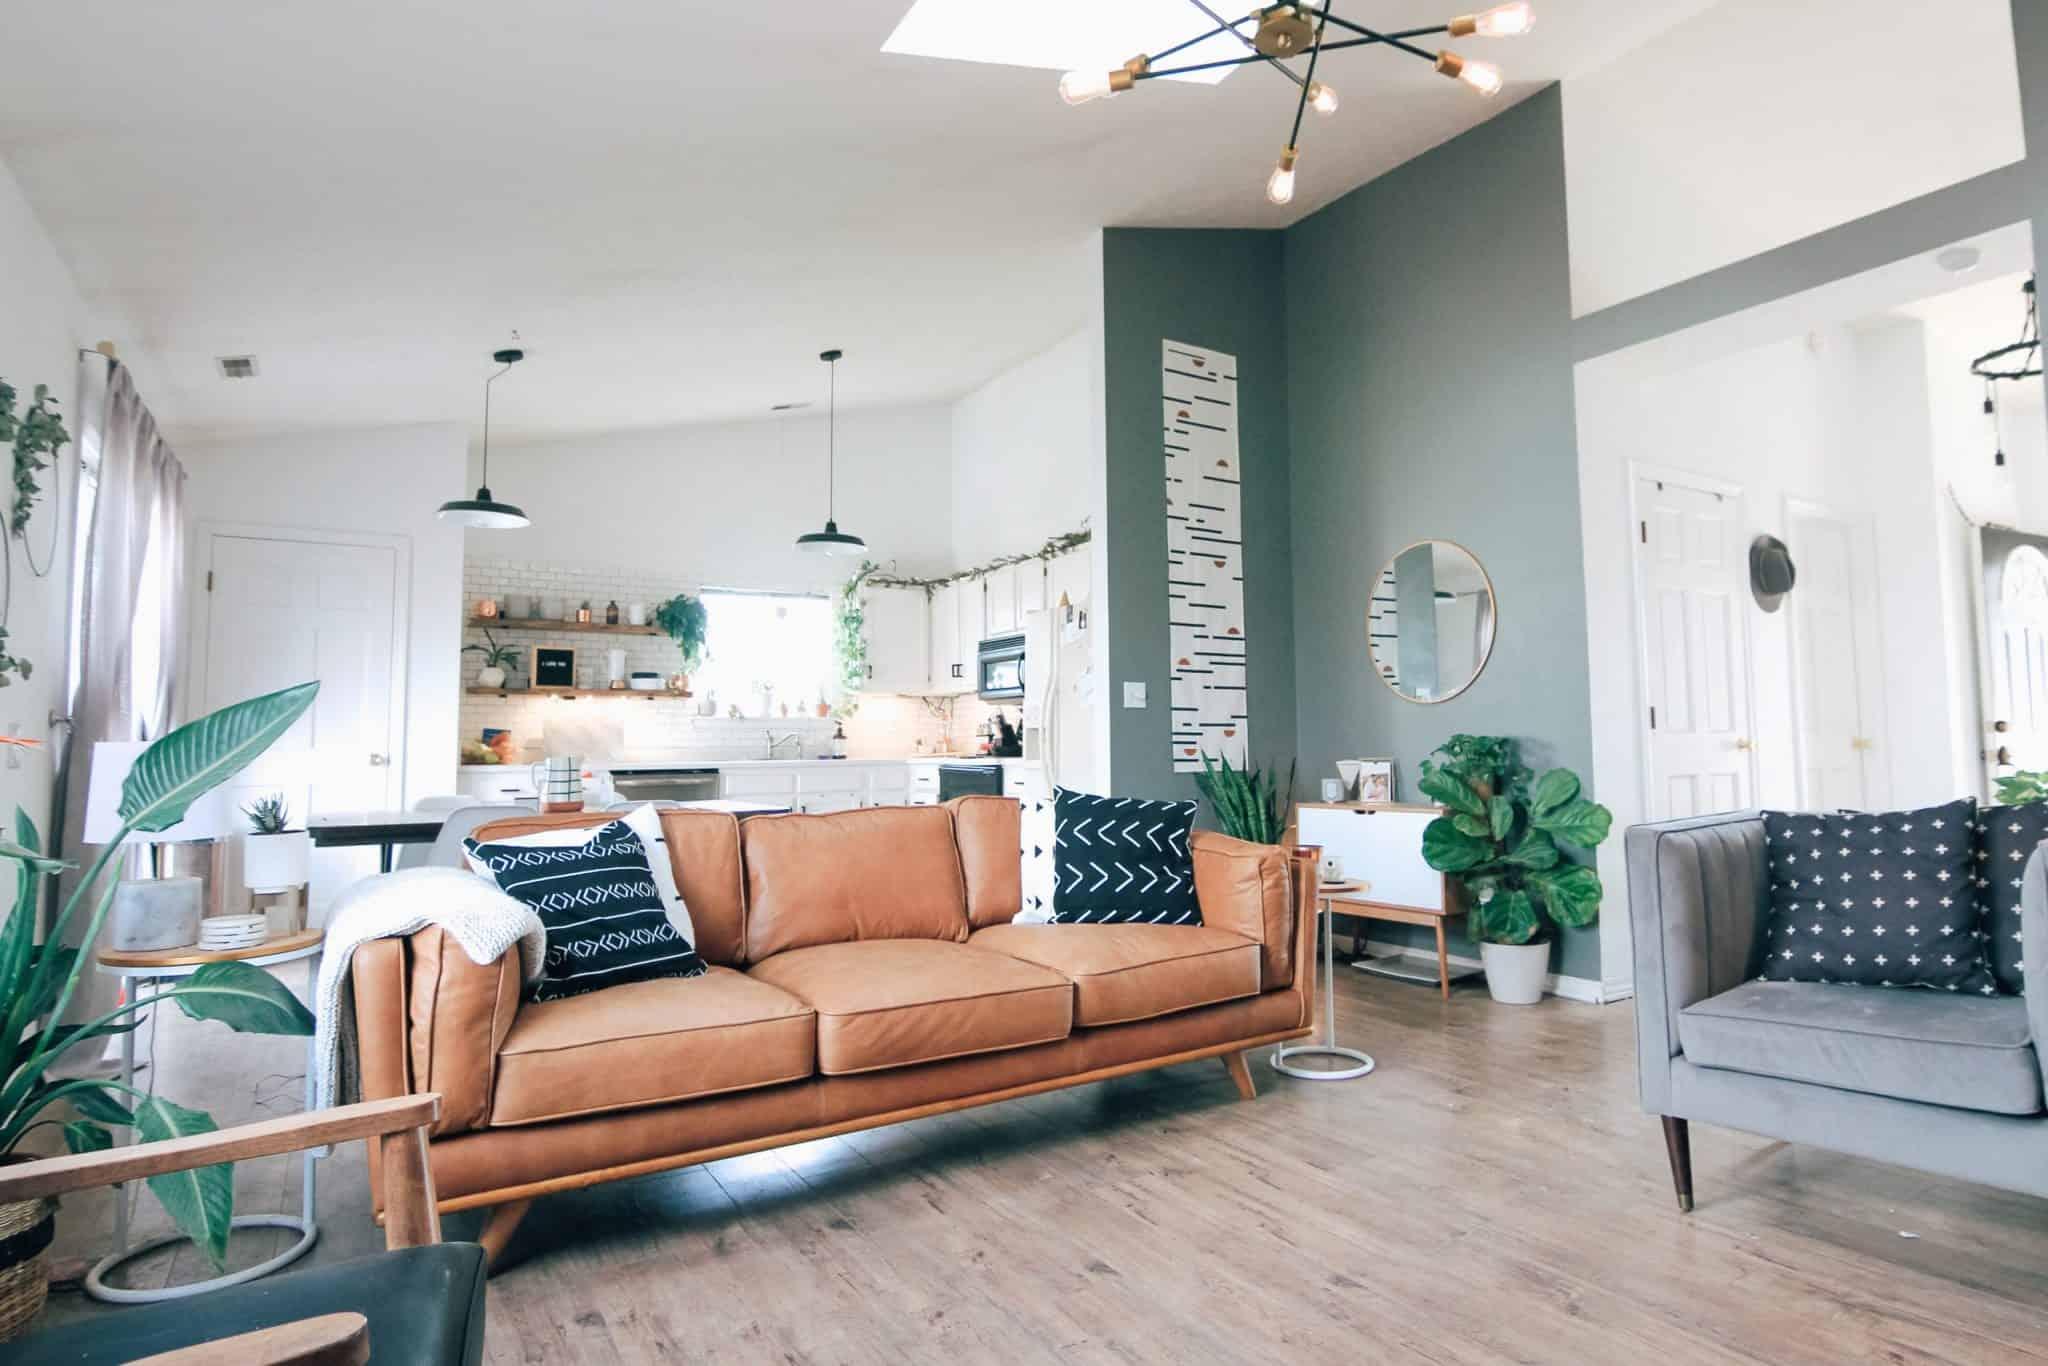 Design De Interiores De Uma Sala De Estar